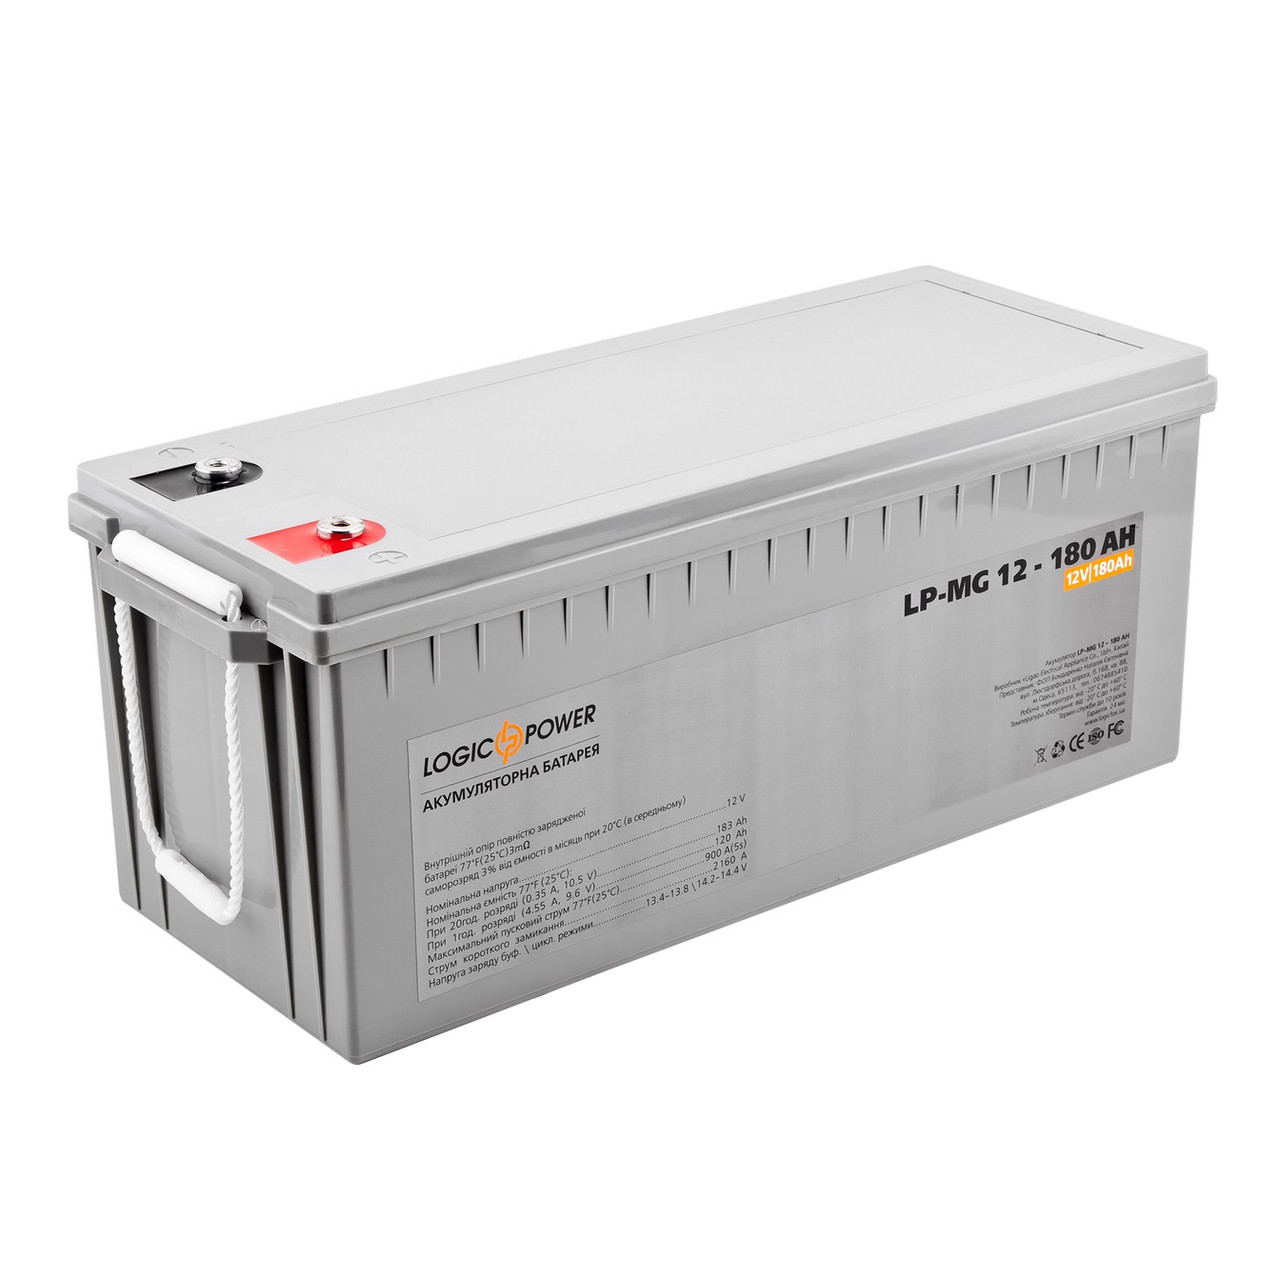 LogicPower LP-MG 12V 180AH - 12В - 180А/ч - мультигелевый аккумулятор, AGM